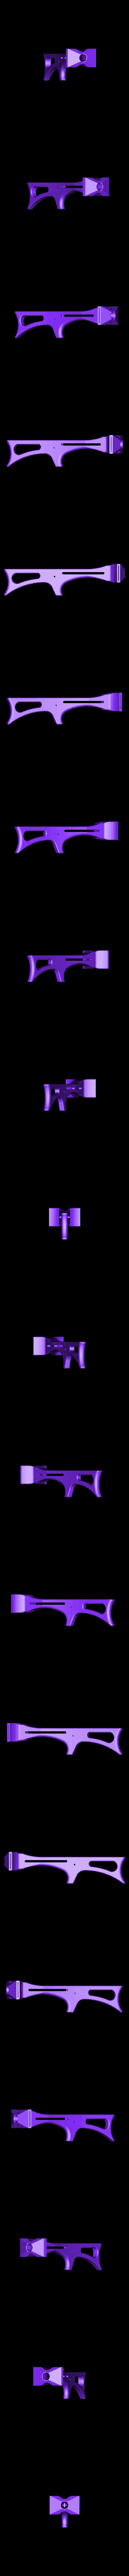 XQ-Bow_Stock.STL Télécharger fichier STL gratuit XQ-Bow • Objet imprimable en 3D, AlbertKhan3D